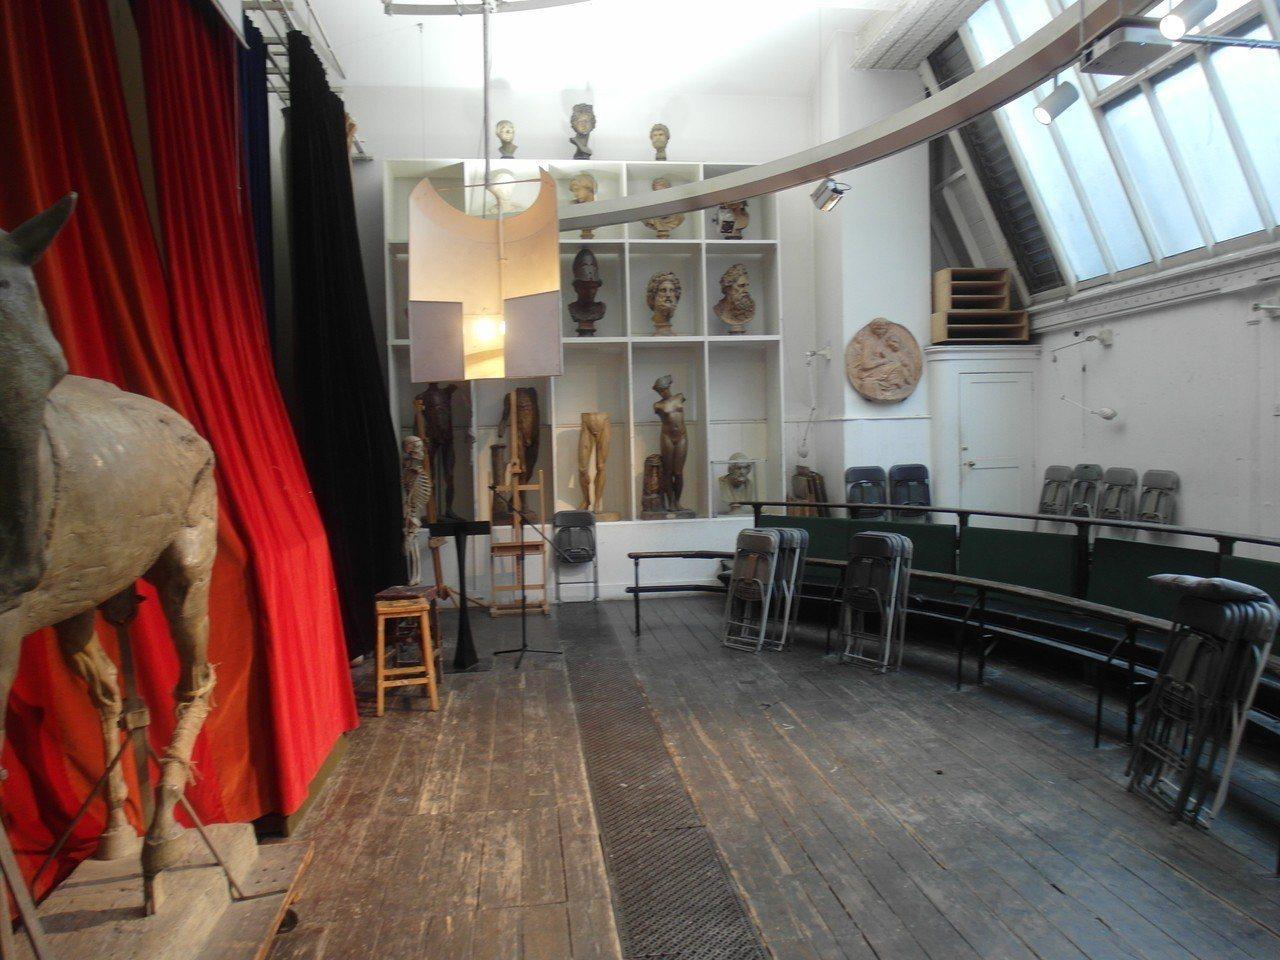 英國倫敦皇家藝術學院的畫室,200多年來,來自全球的藝術家都在這個畫室作畫,近年...